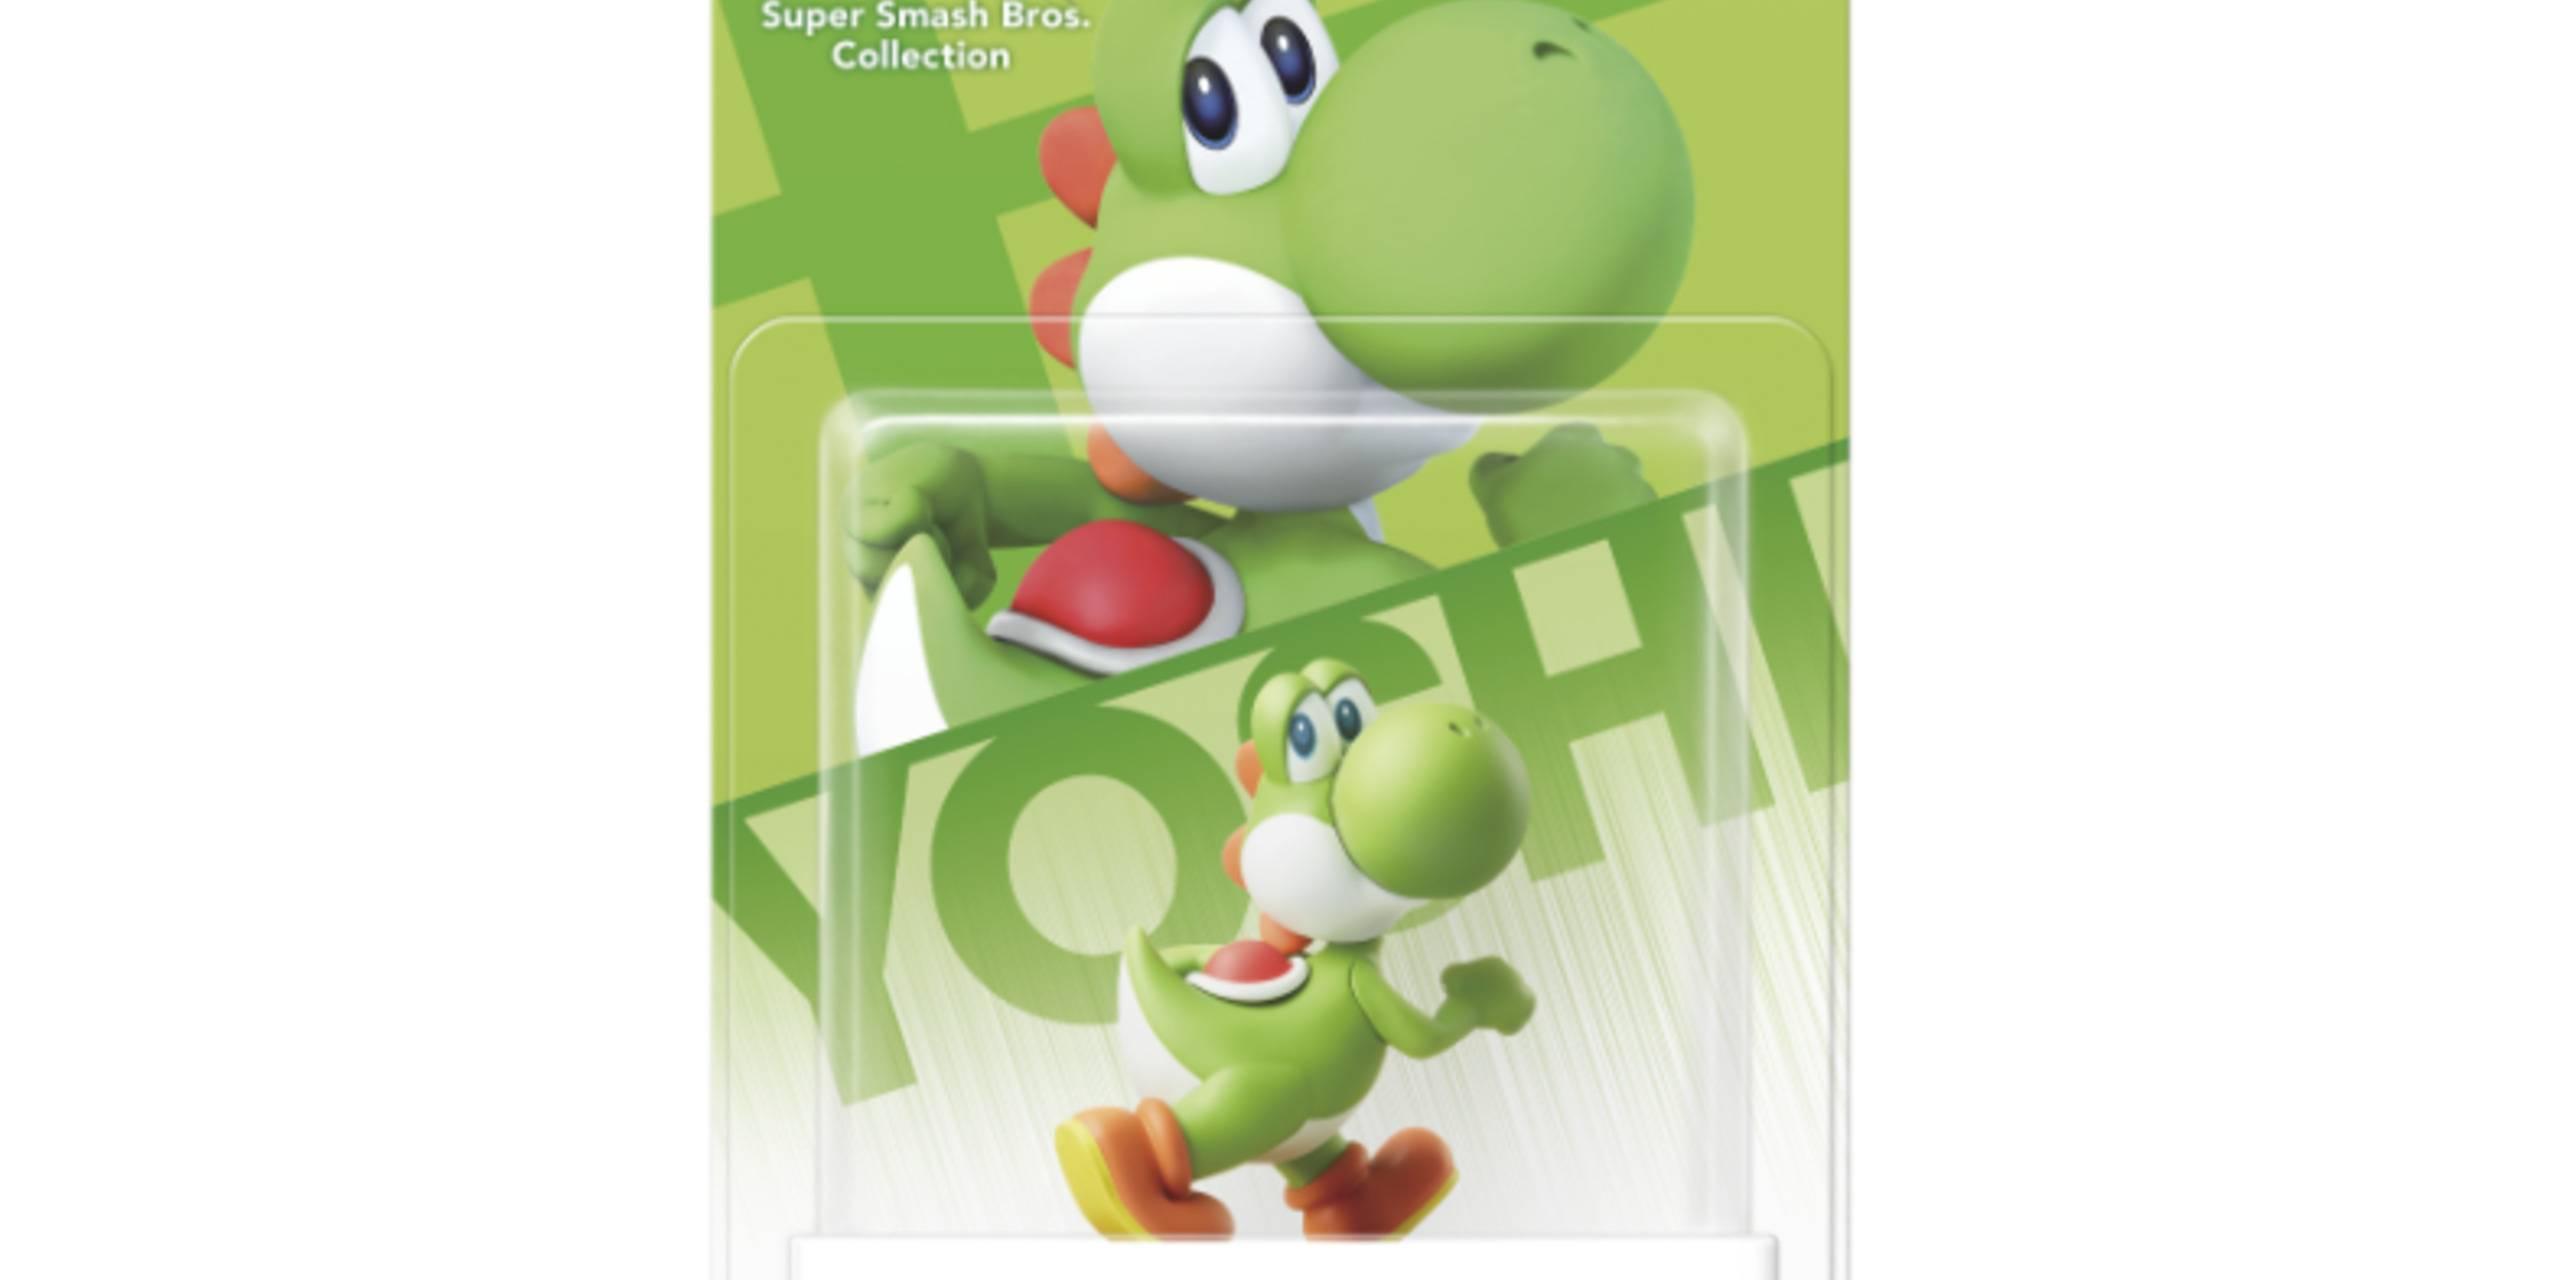 Yoshi amiibo Super Smash Bros. Collection